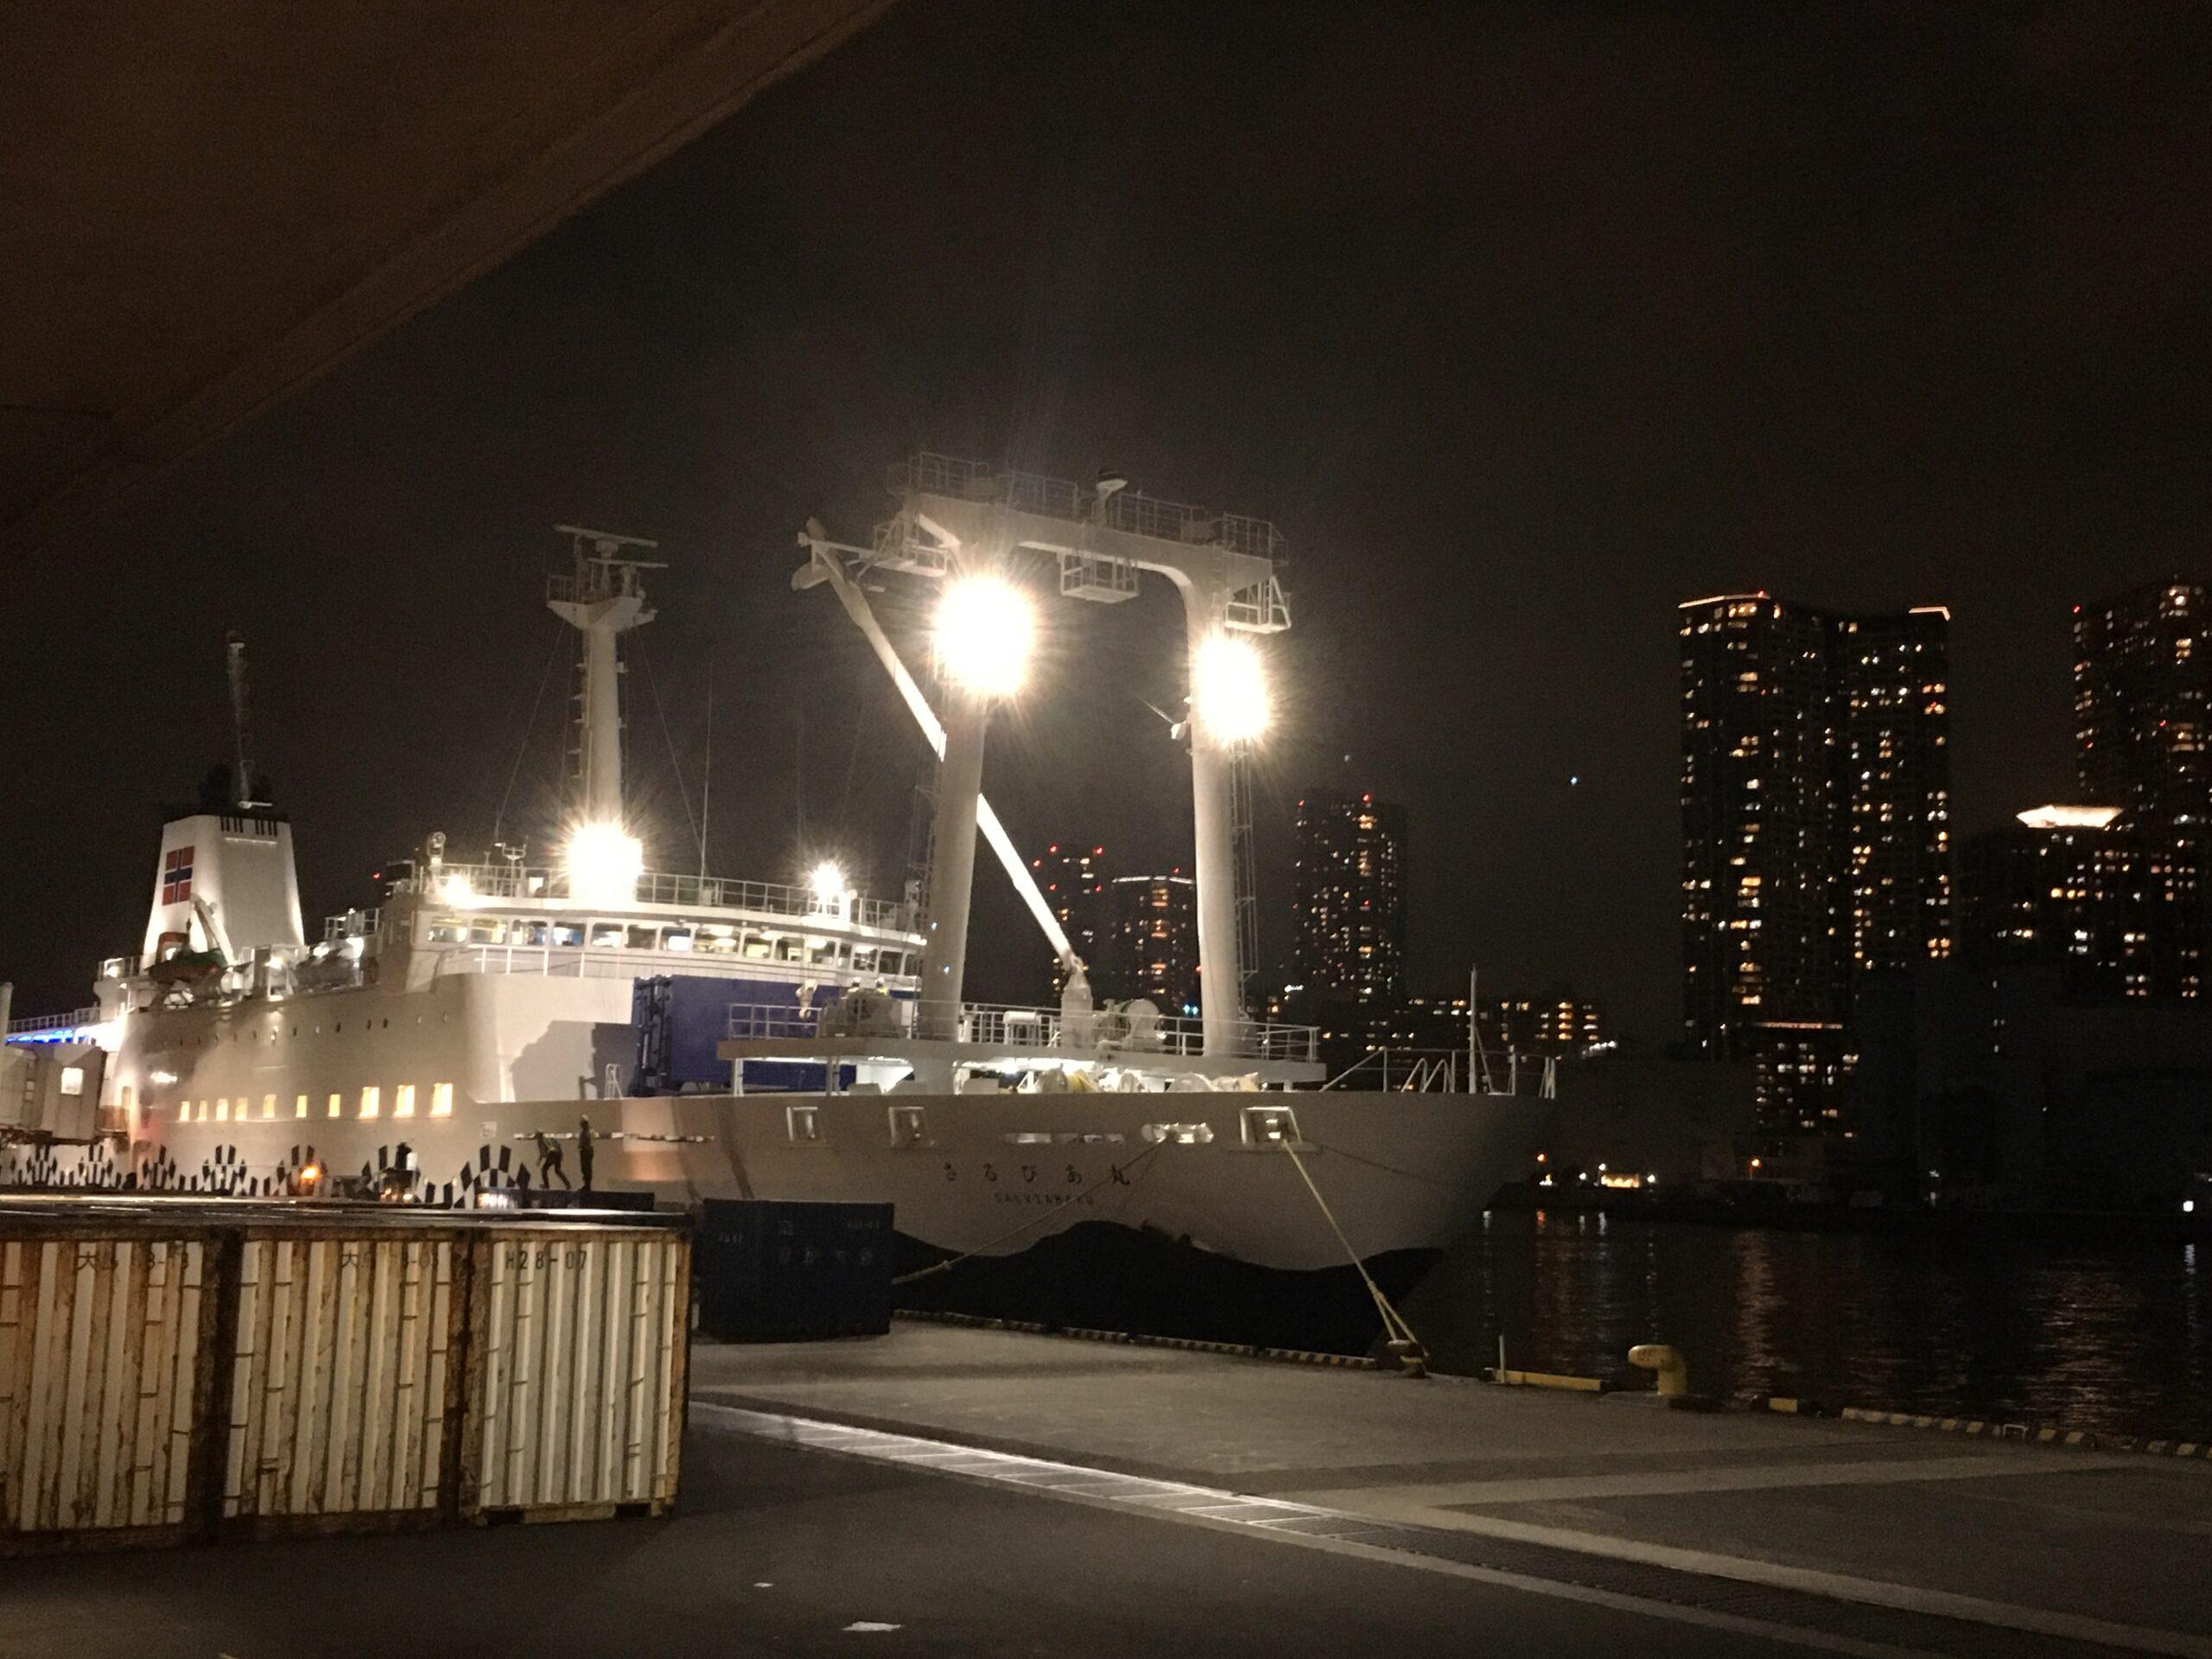 伊豆諸島へ Go To キャンペーン!〜東海汽船・大型船の「往路」のみだがお安くなります